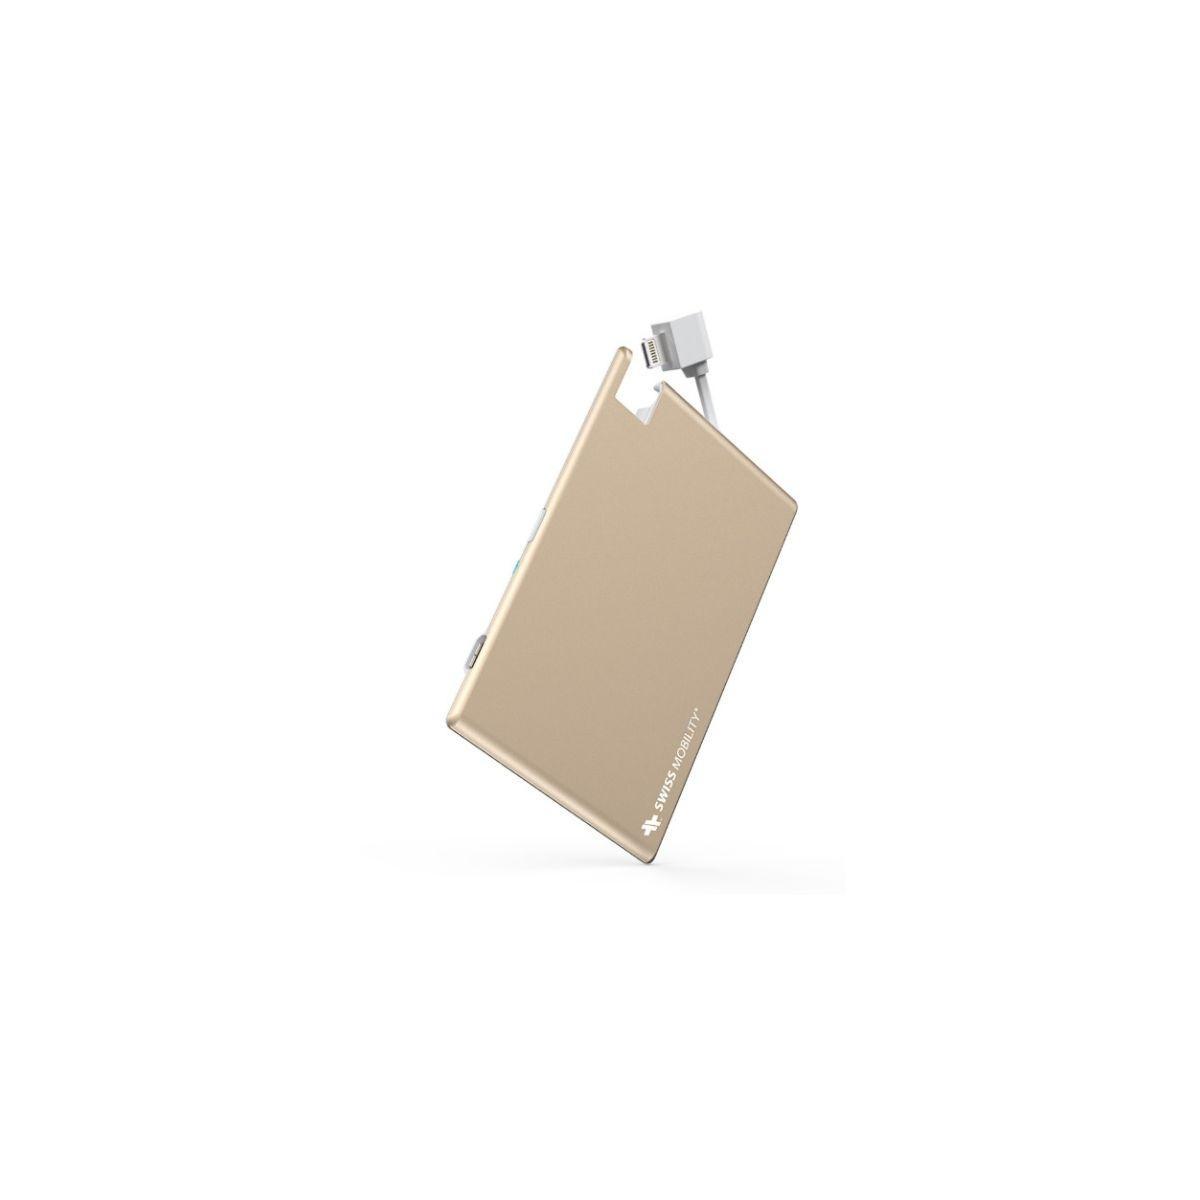 Batterie externe swiss mobility power 1350 mah lightning - 10% de remise imm�diate avec le code : deal10 (photo)